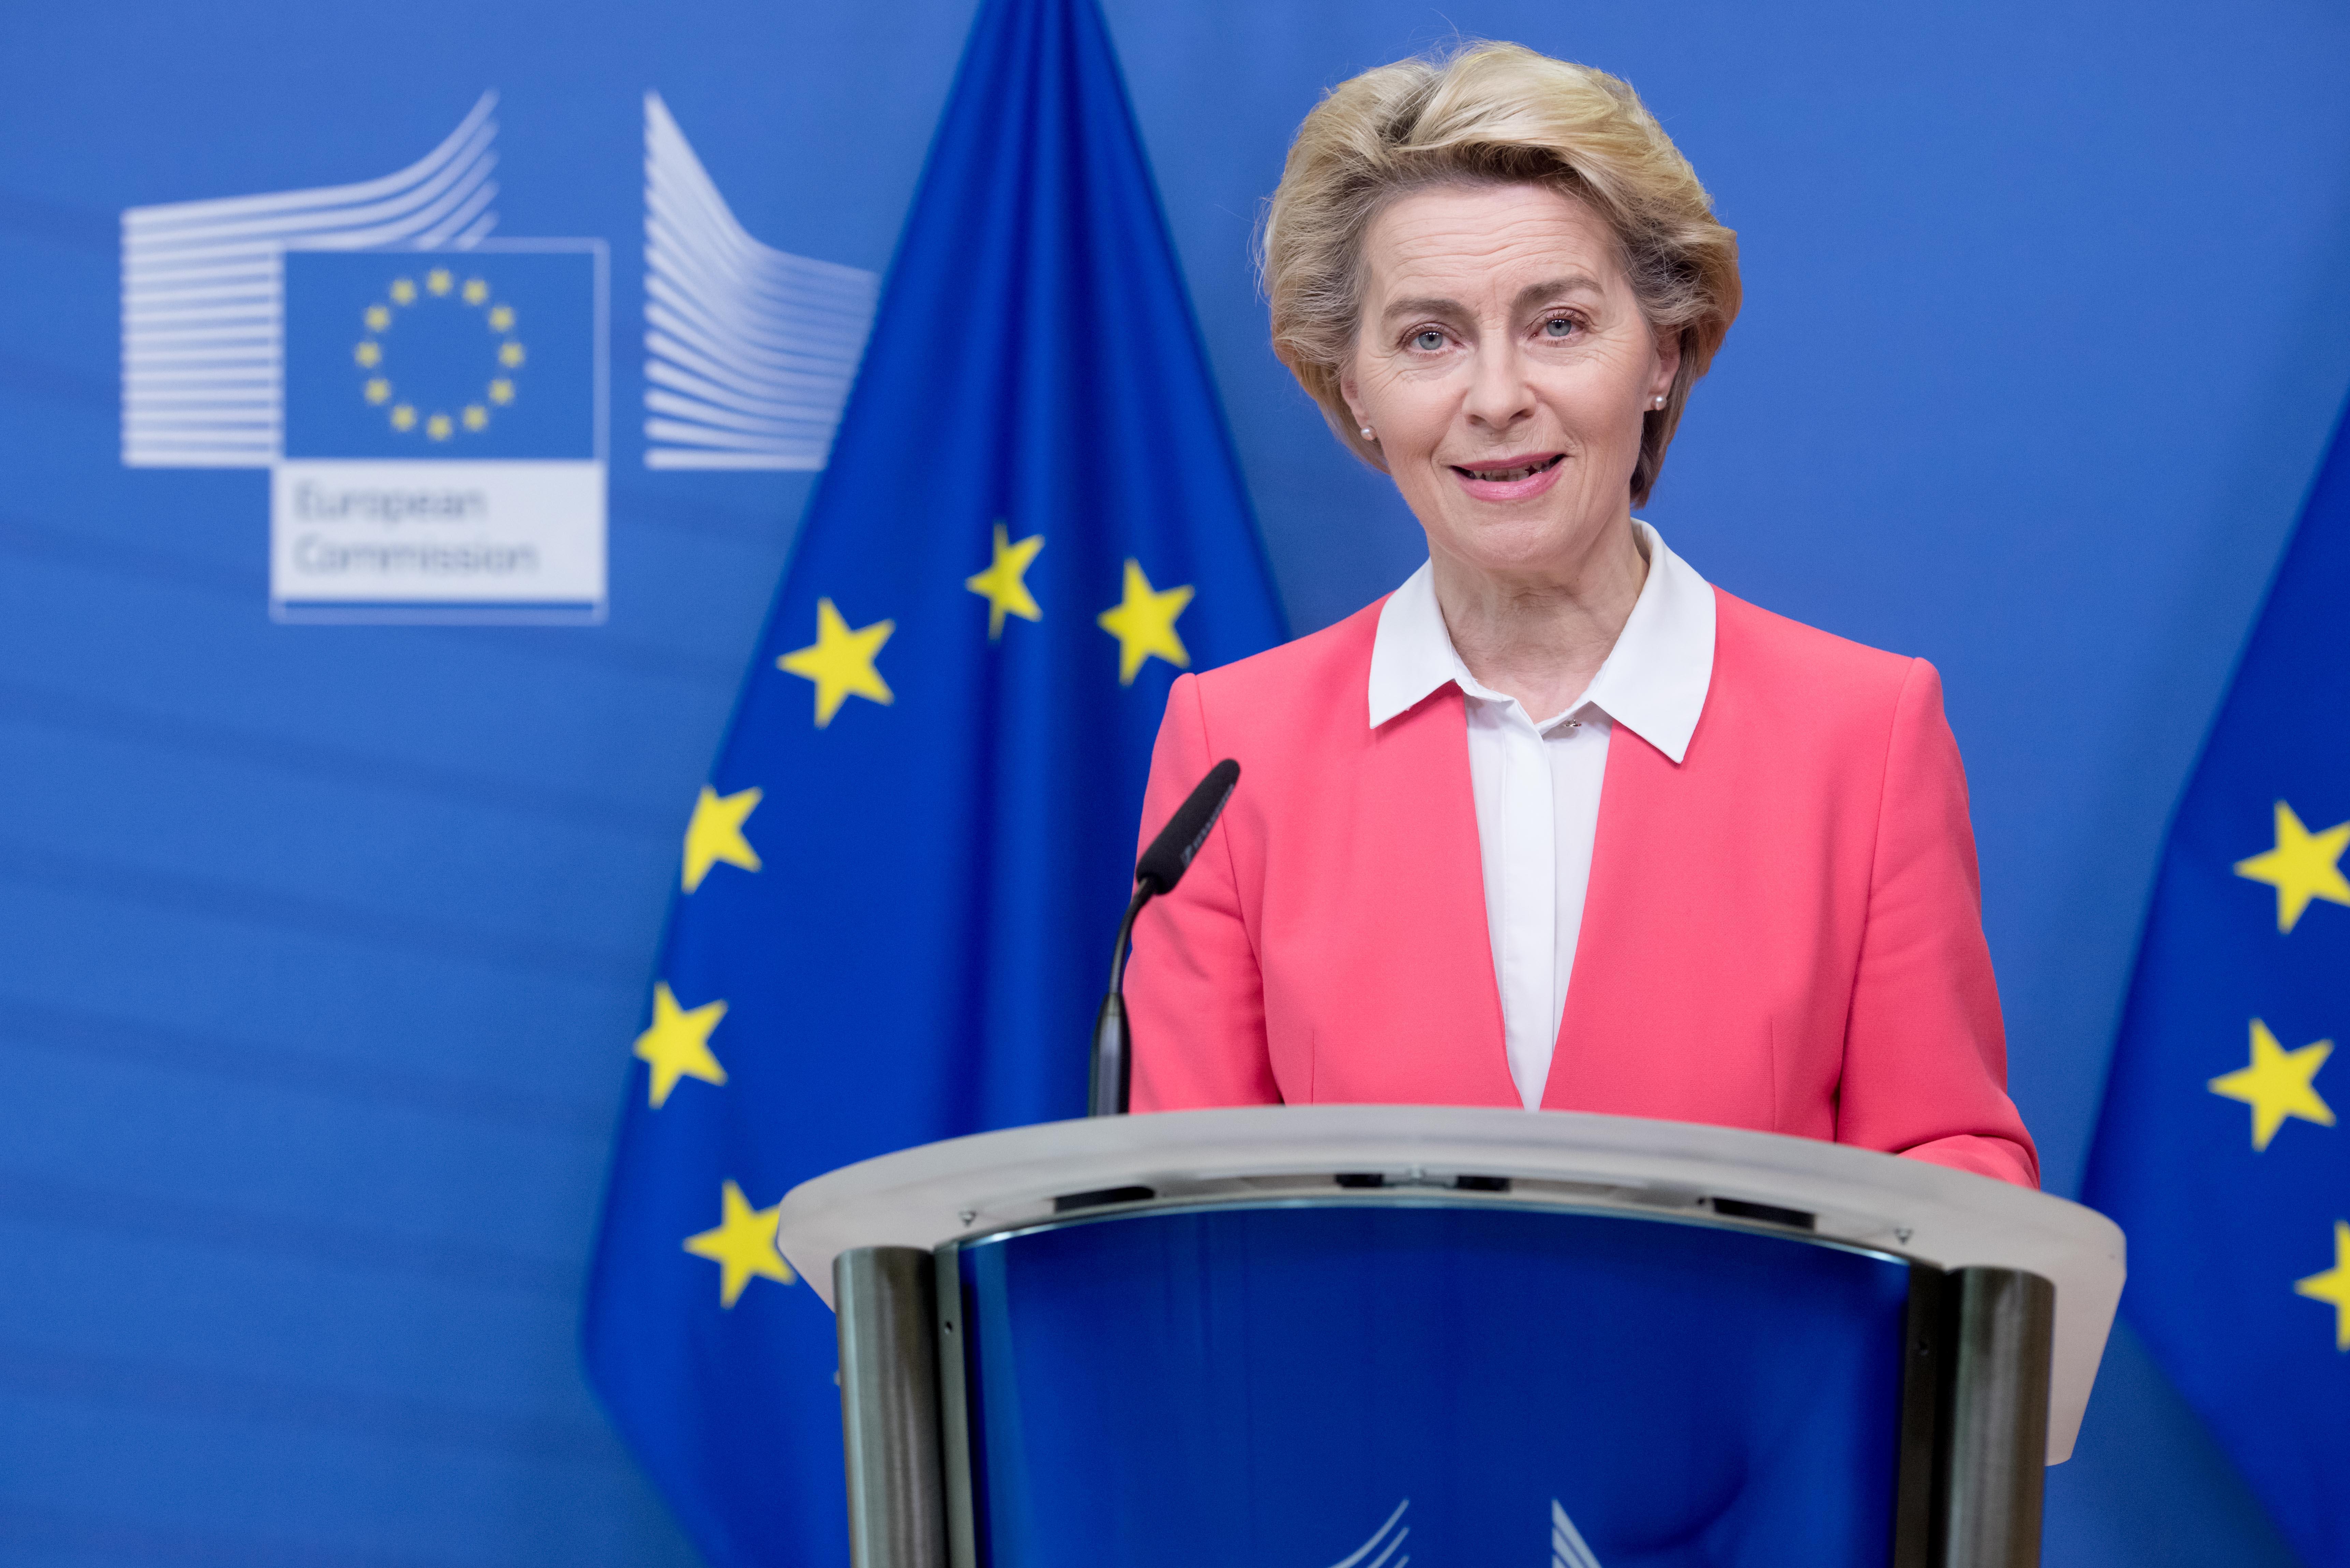 Ursula von der Leyen at the podium